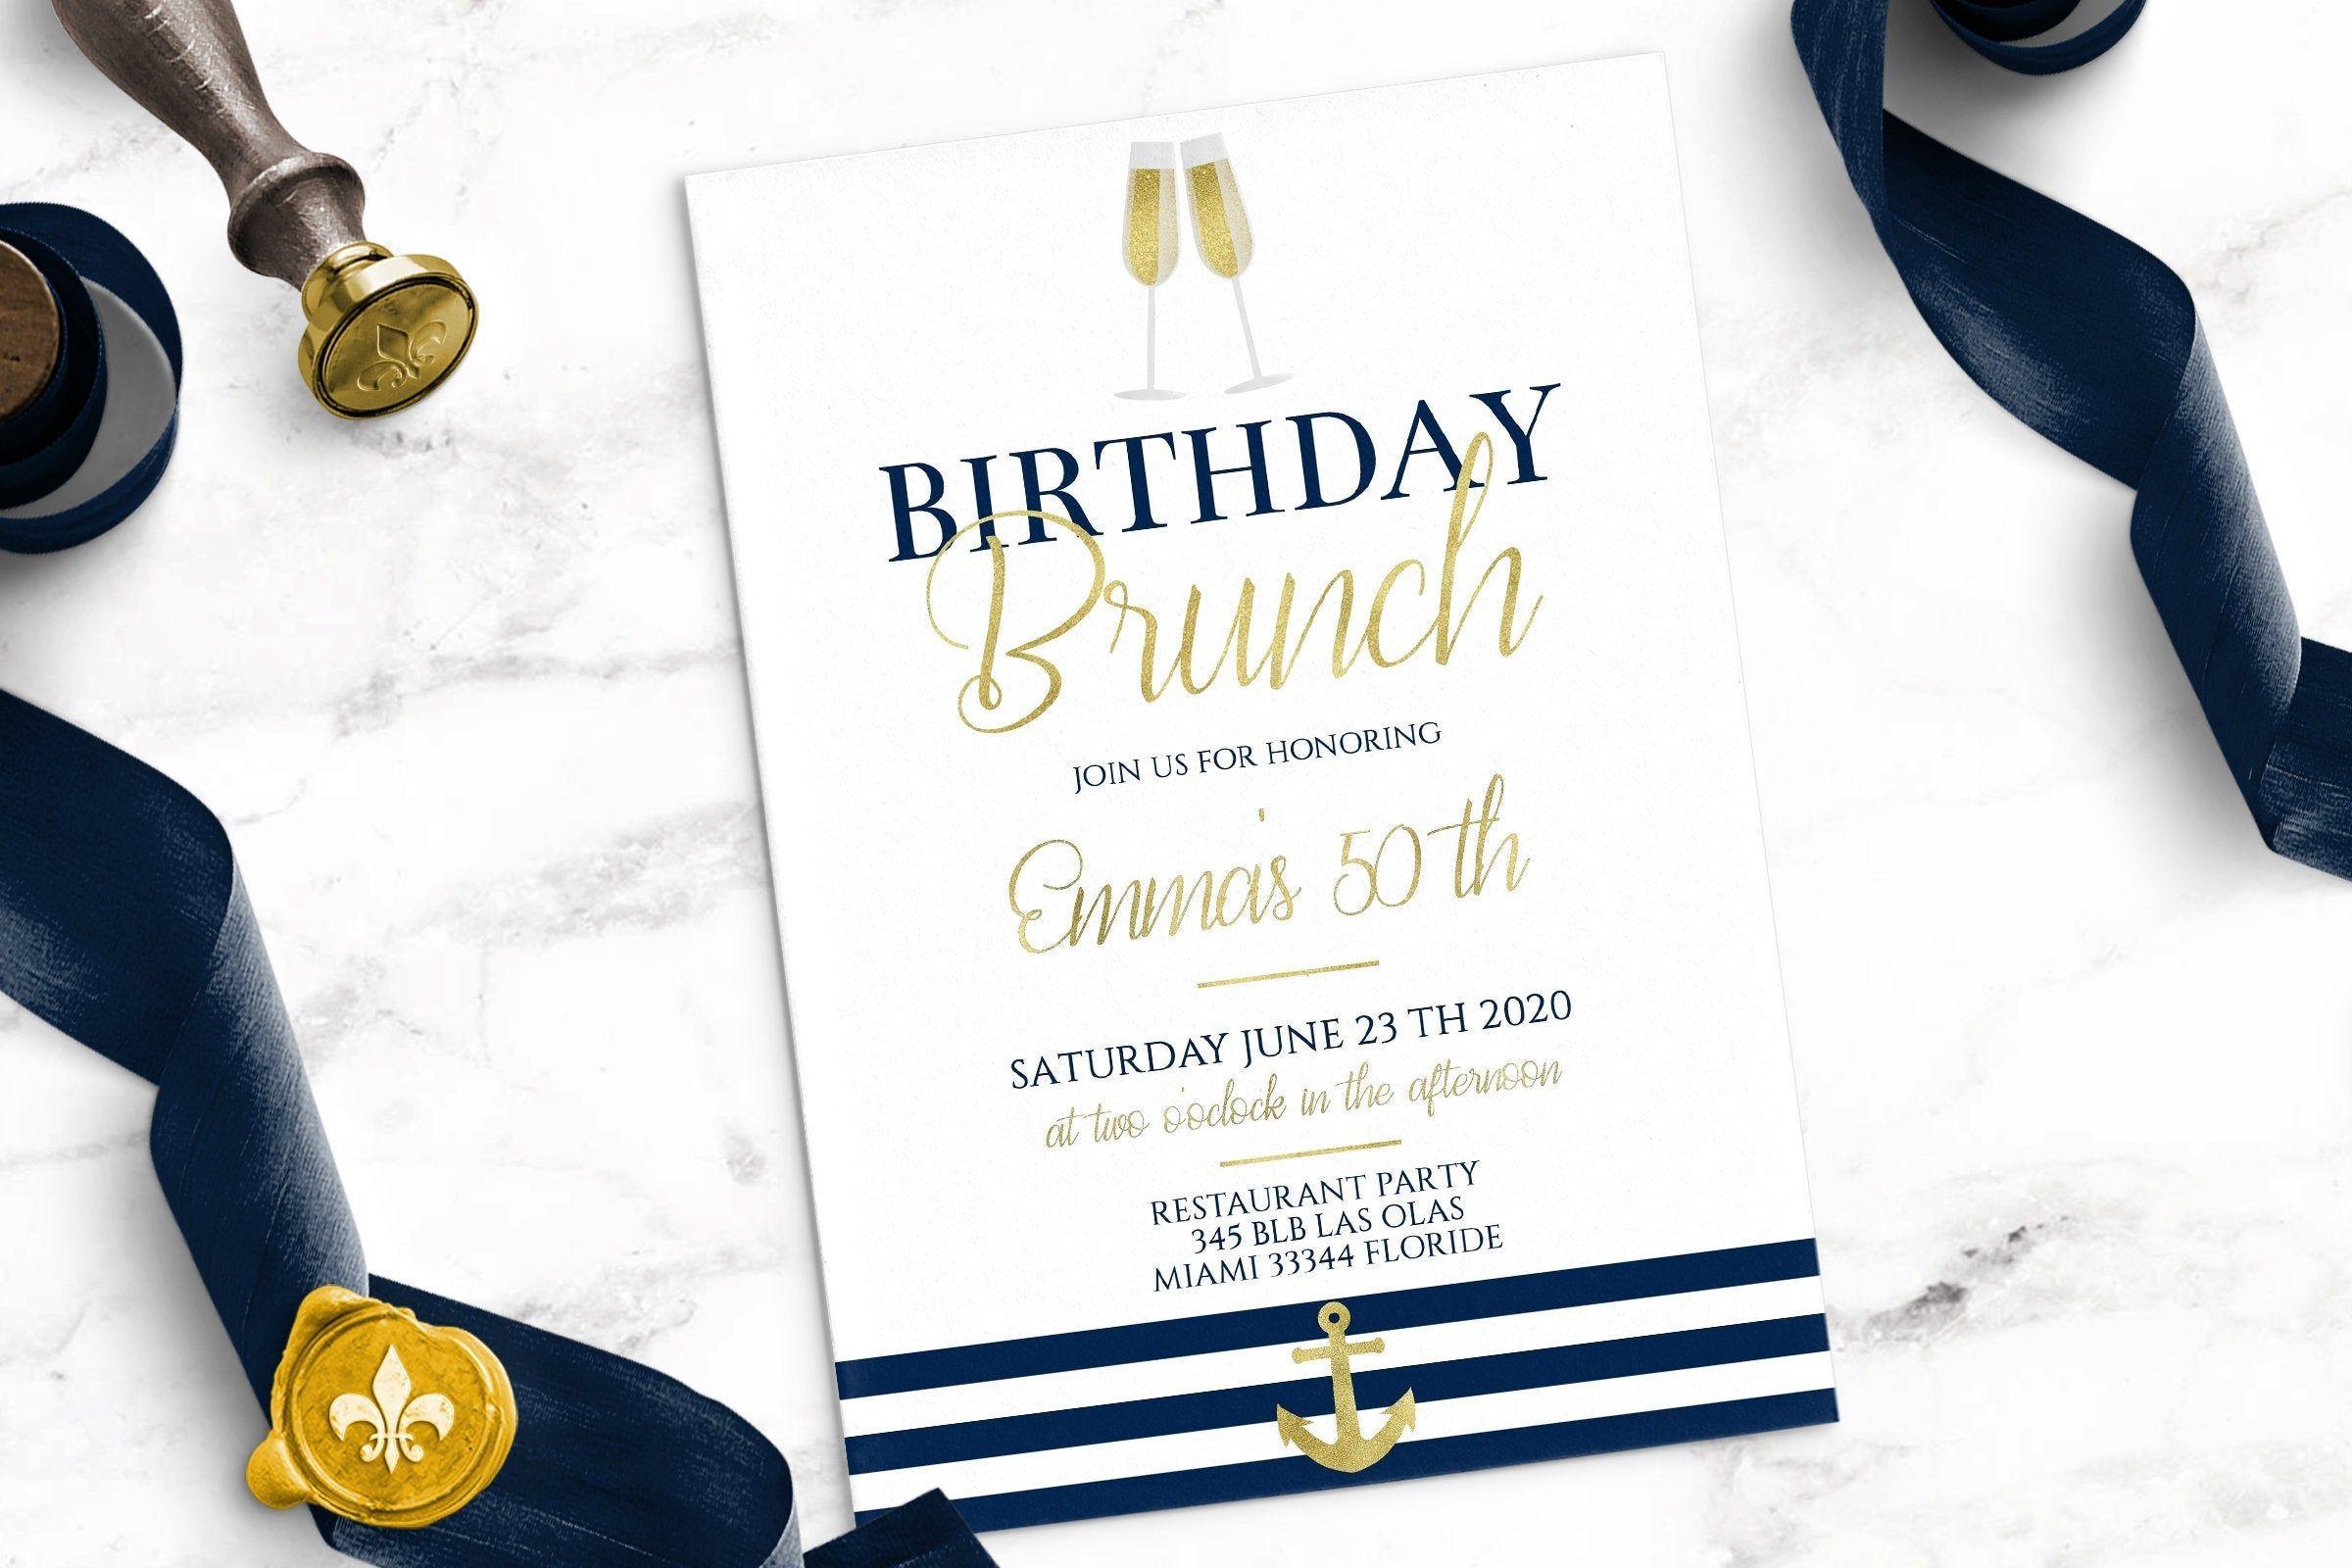 Anniversaire Invitation cartes Brunch anniversaire Brunch invitations avec votre texte